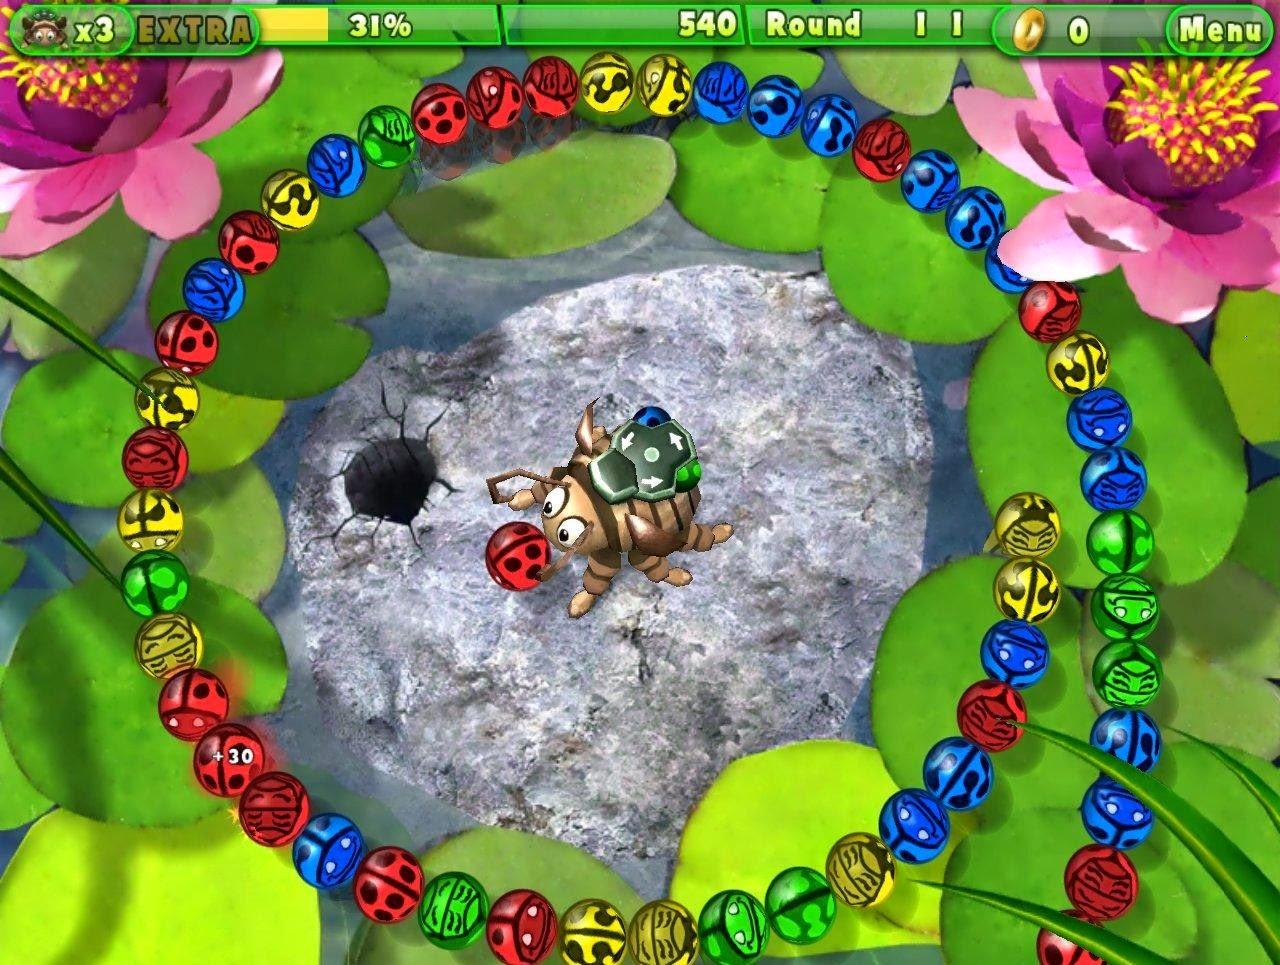 Скачать игру на компьютер tumblebugs